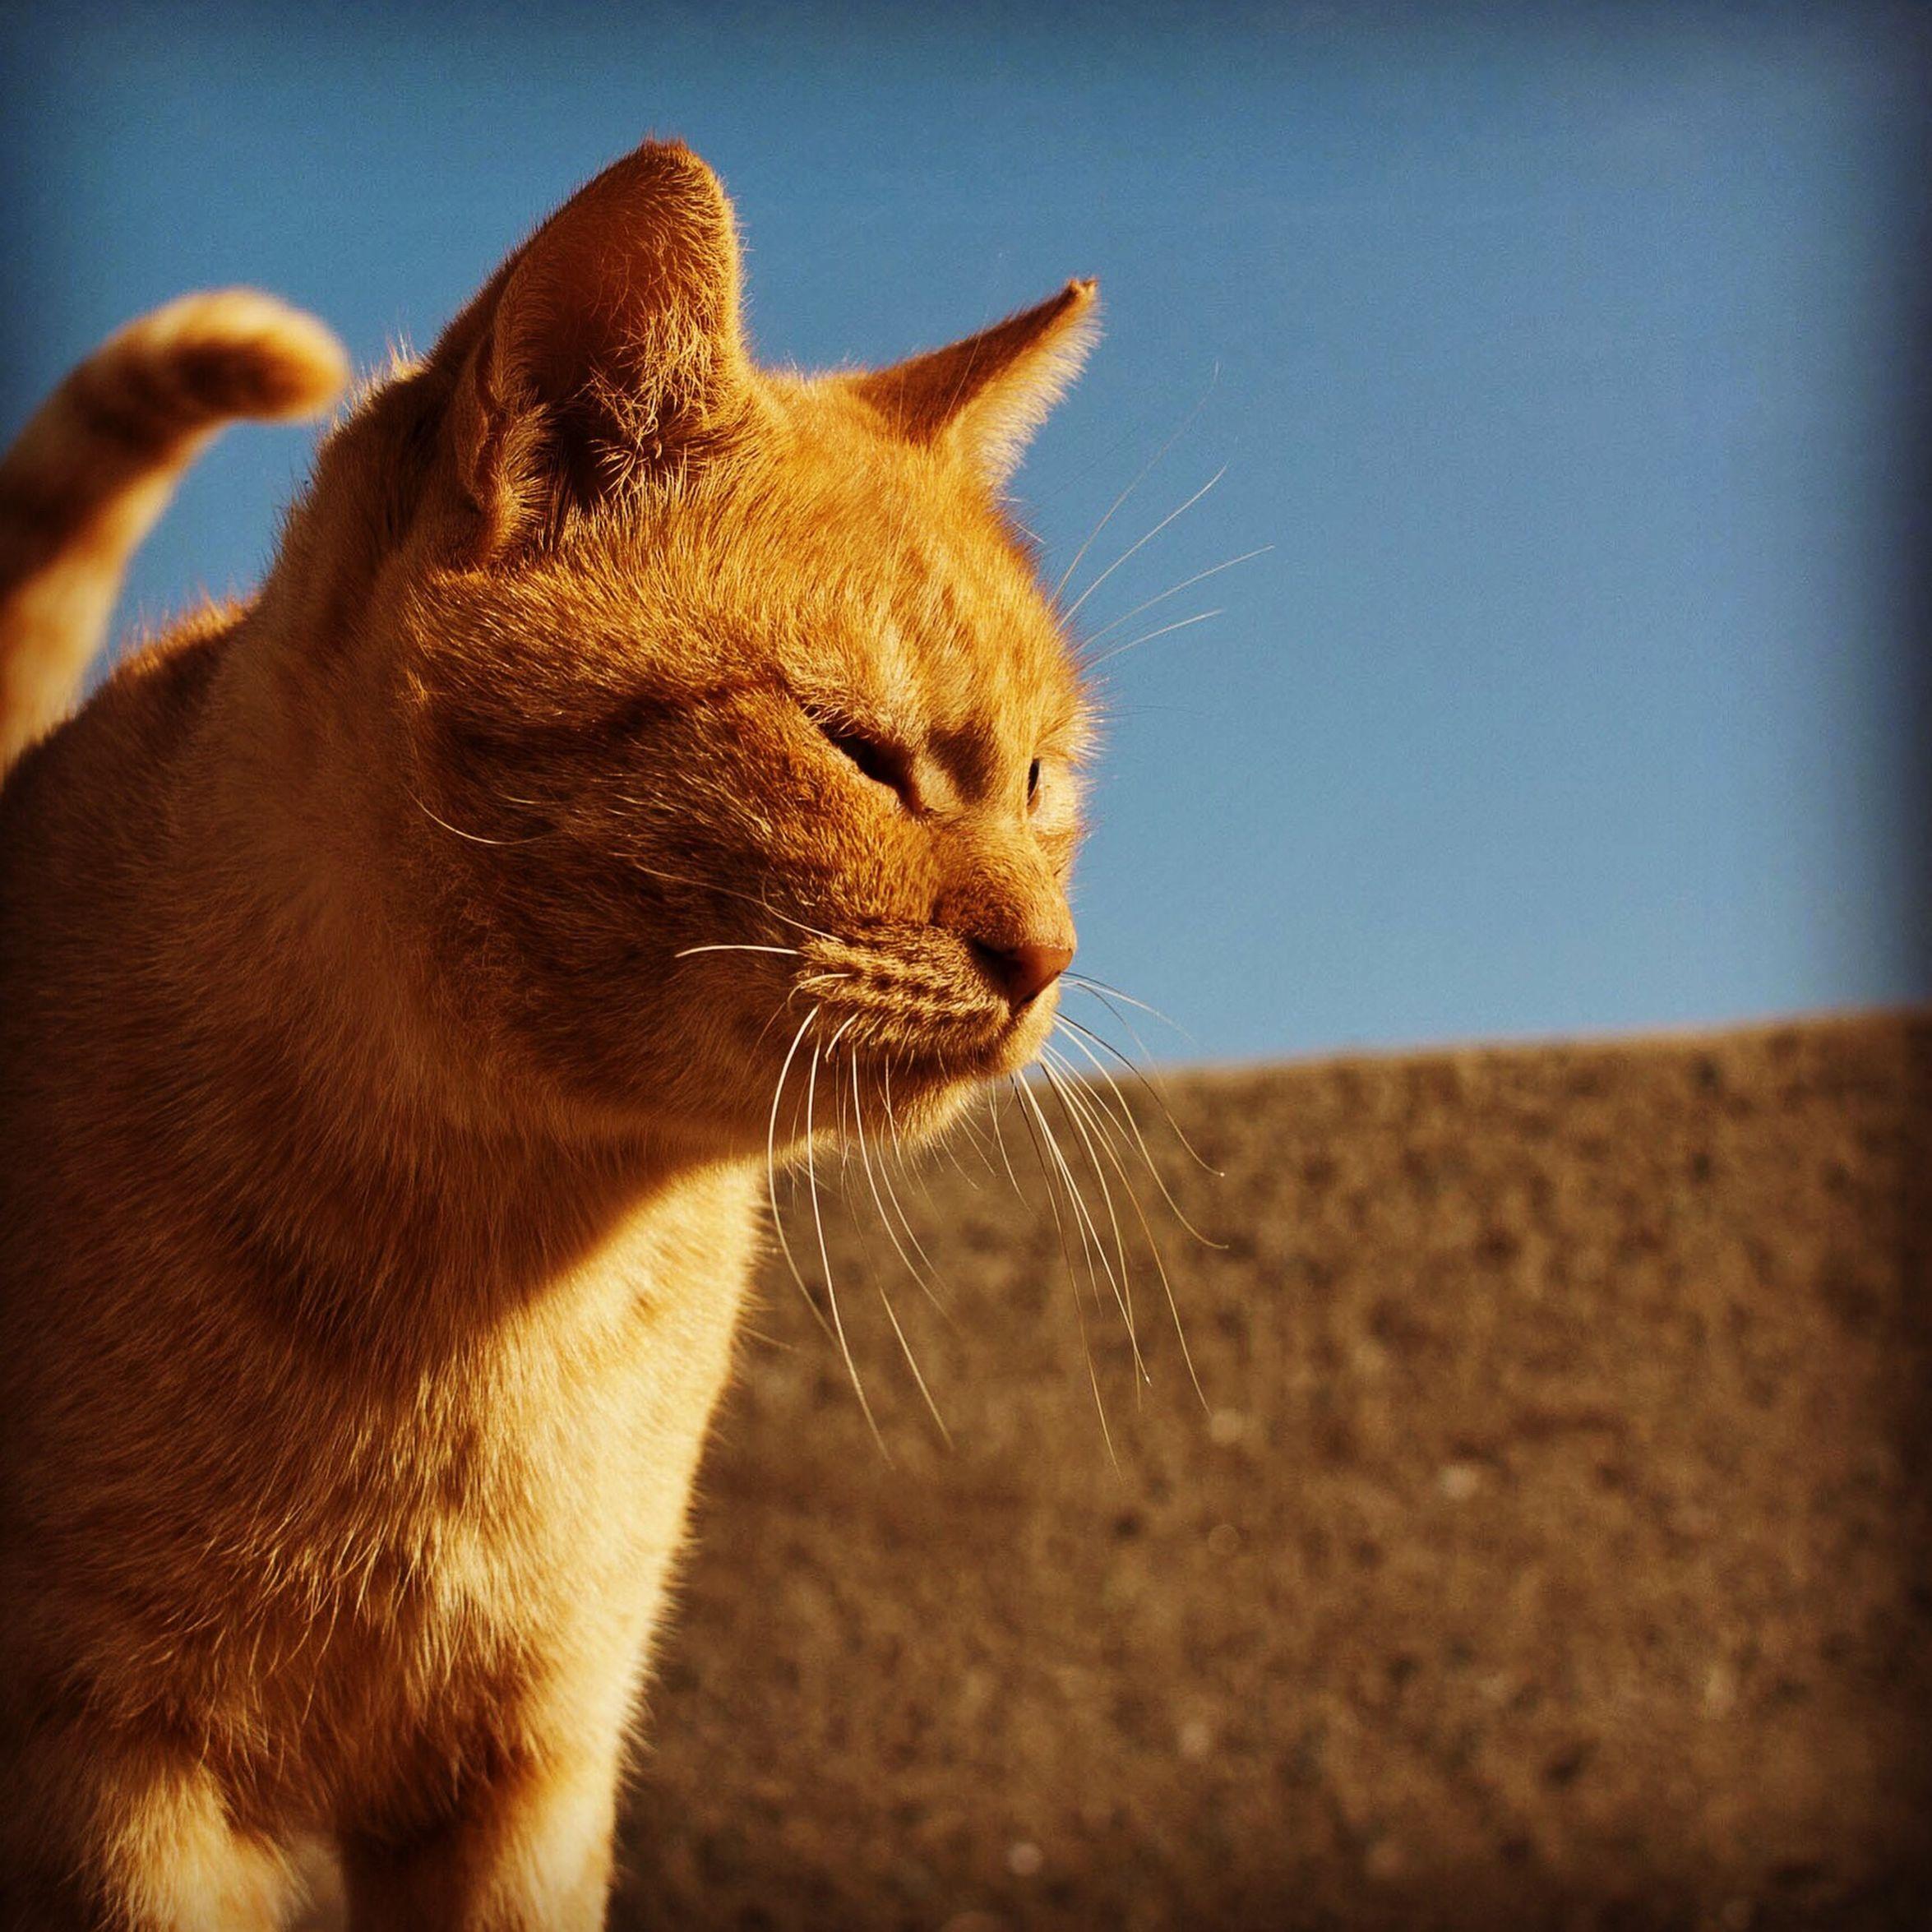 猫さん達の相島(福岡県新宮町) 猫 相島 新宮町 ねこ にゃんこ Nikon1v1 18.5mm Cat AINOSHIMA Island